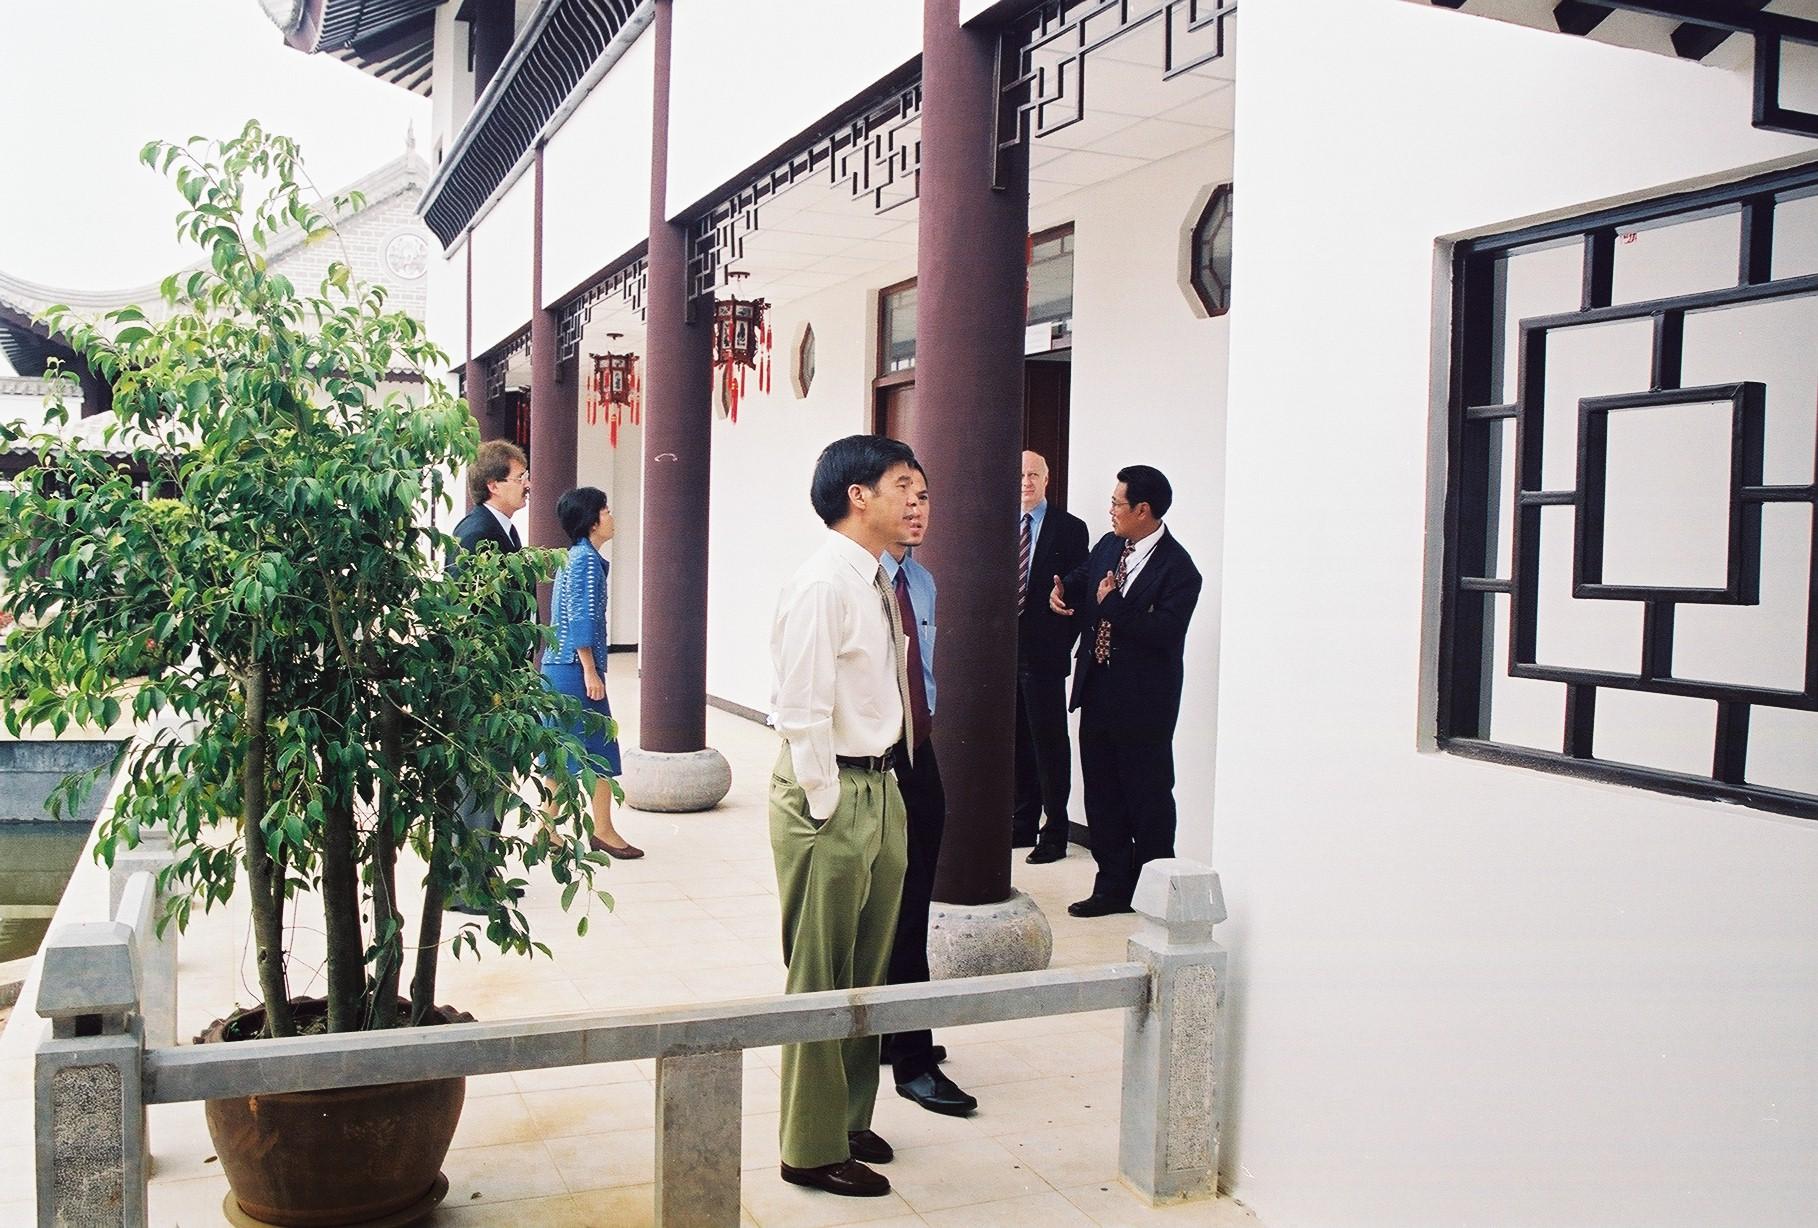 5138 - ฯพณฯ สุรพงษ์ ชัยนาม เอกอัครราชทูตไทยประจำกรุงเบอร์ลิน นำคณะอาจารย์มหาวิทยาลัยในประเทศสหพันธ์สาธารณรัฐเยอรมัน เข้าเยี่ยมชมศูนย์ภาษาและวัฒนธรรมจีนสิรินธร มหาวิทยาลัยแม่ฟ้าหลวง